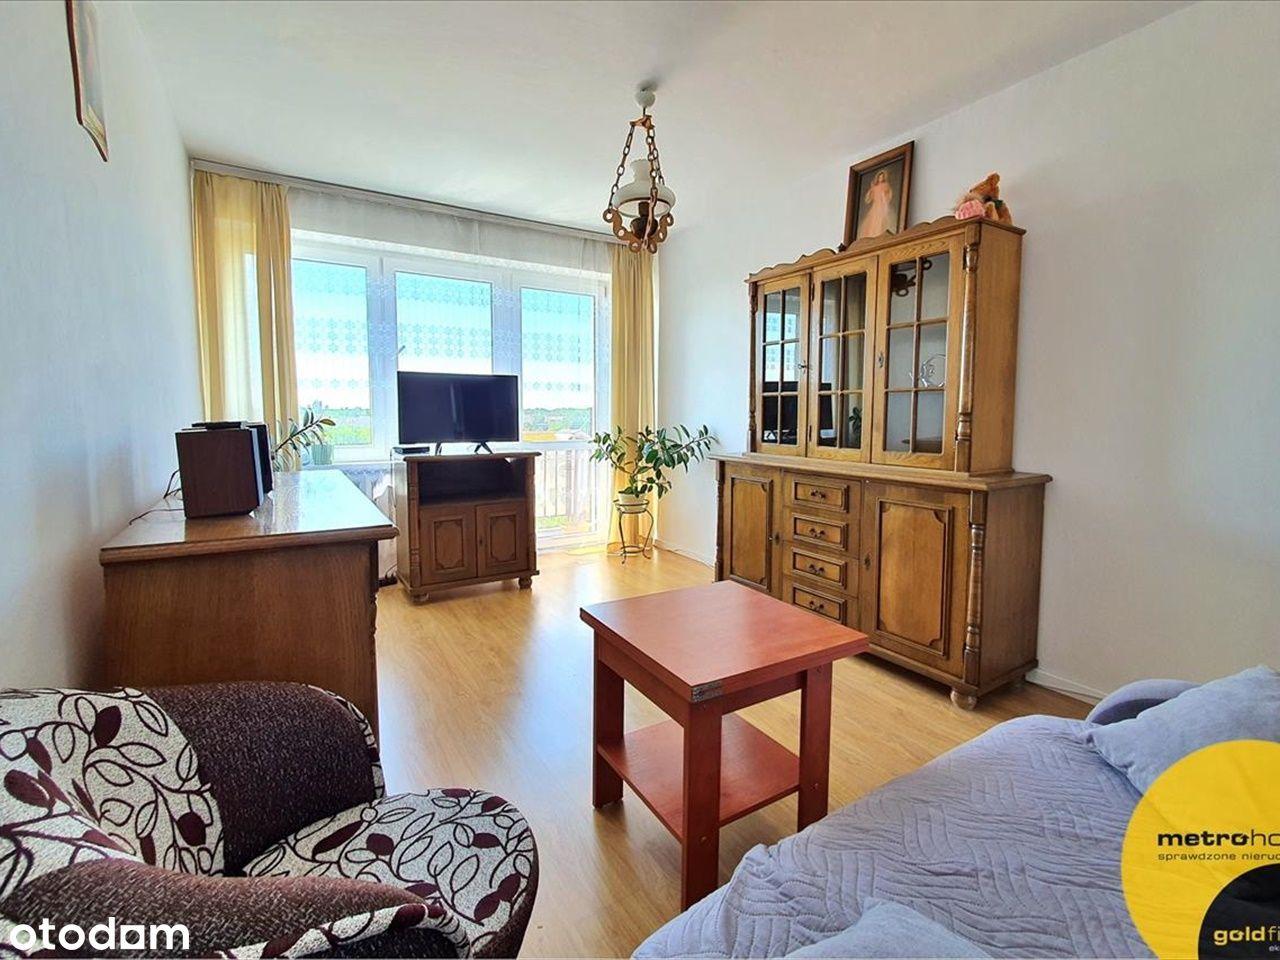 Mieszkanie 62 m2 w świetnej lokalizacji